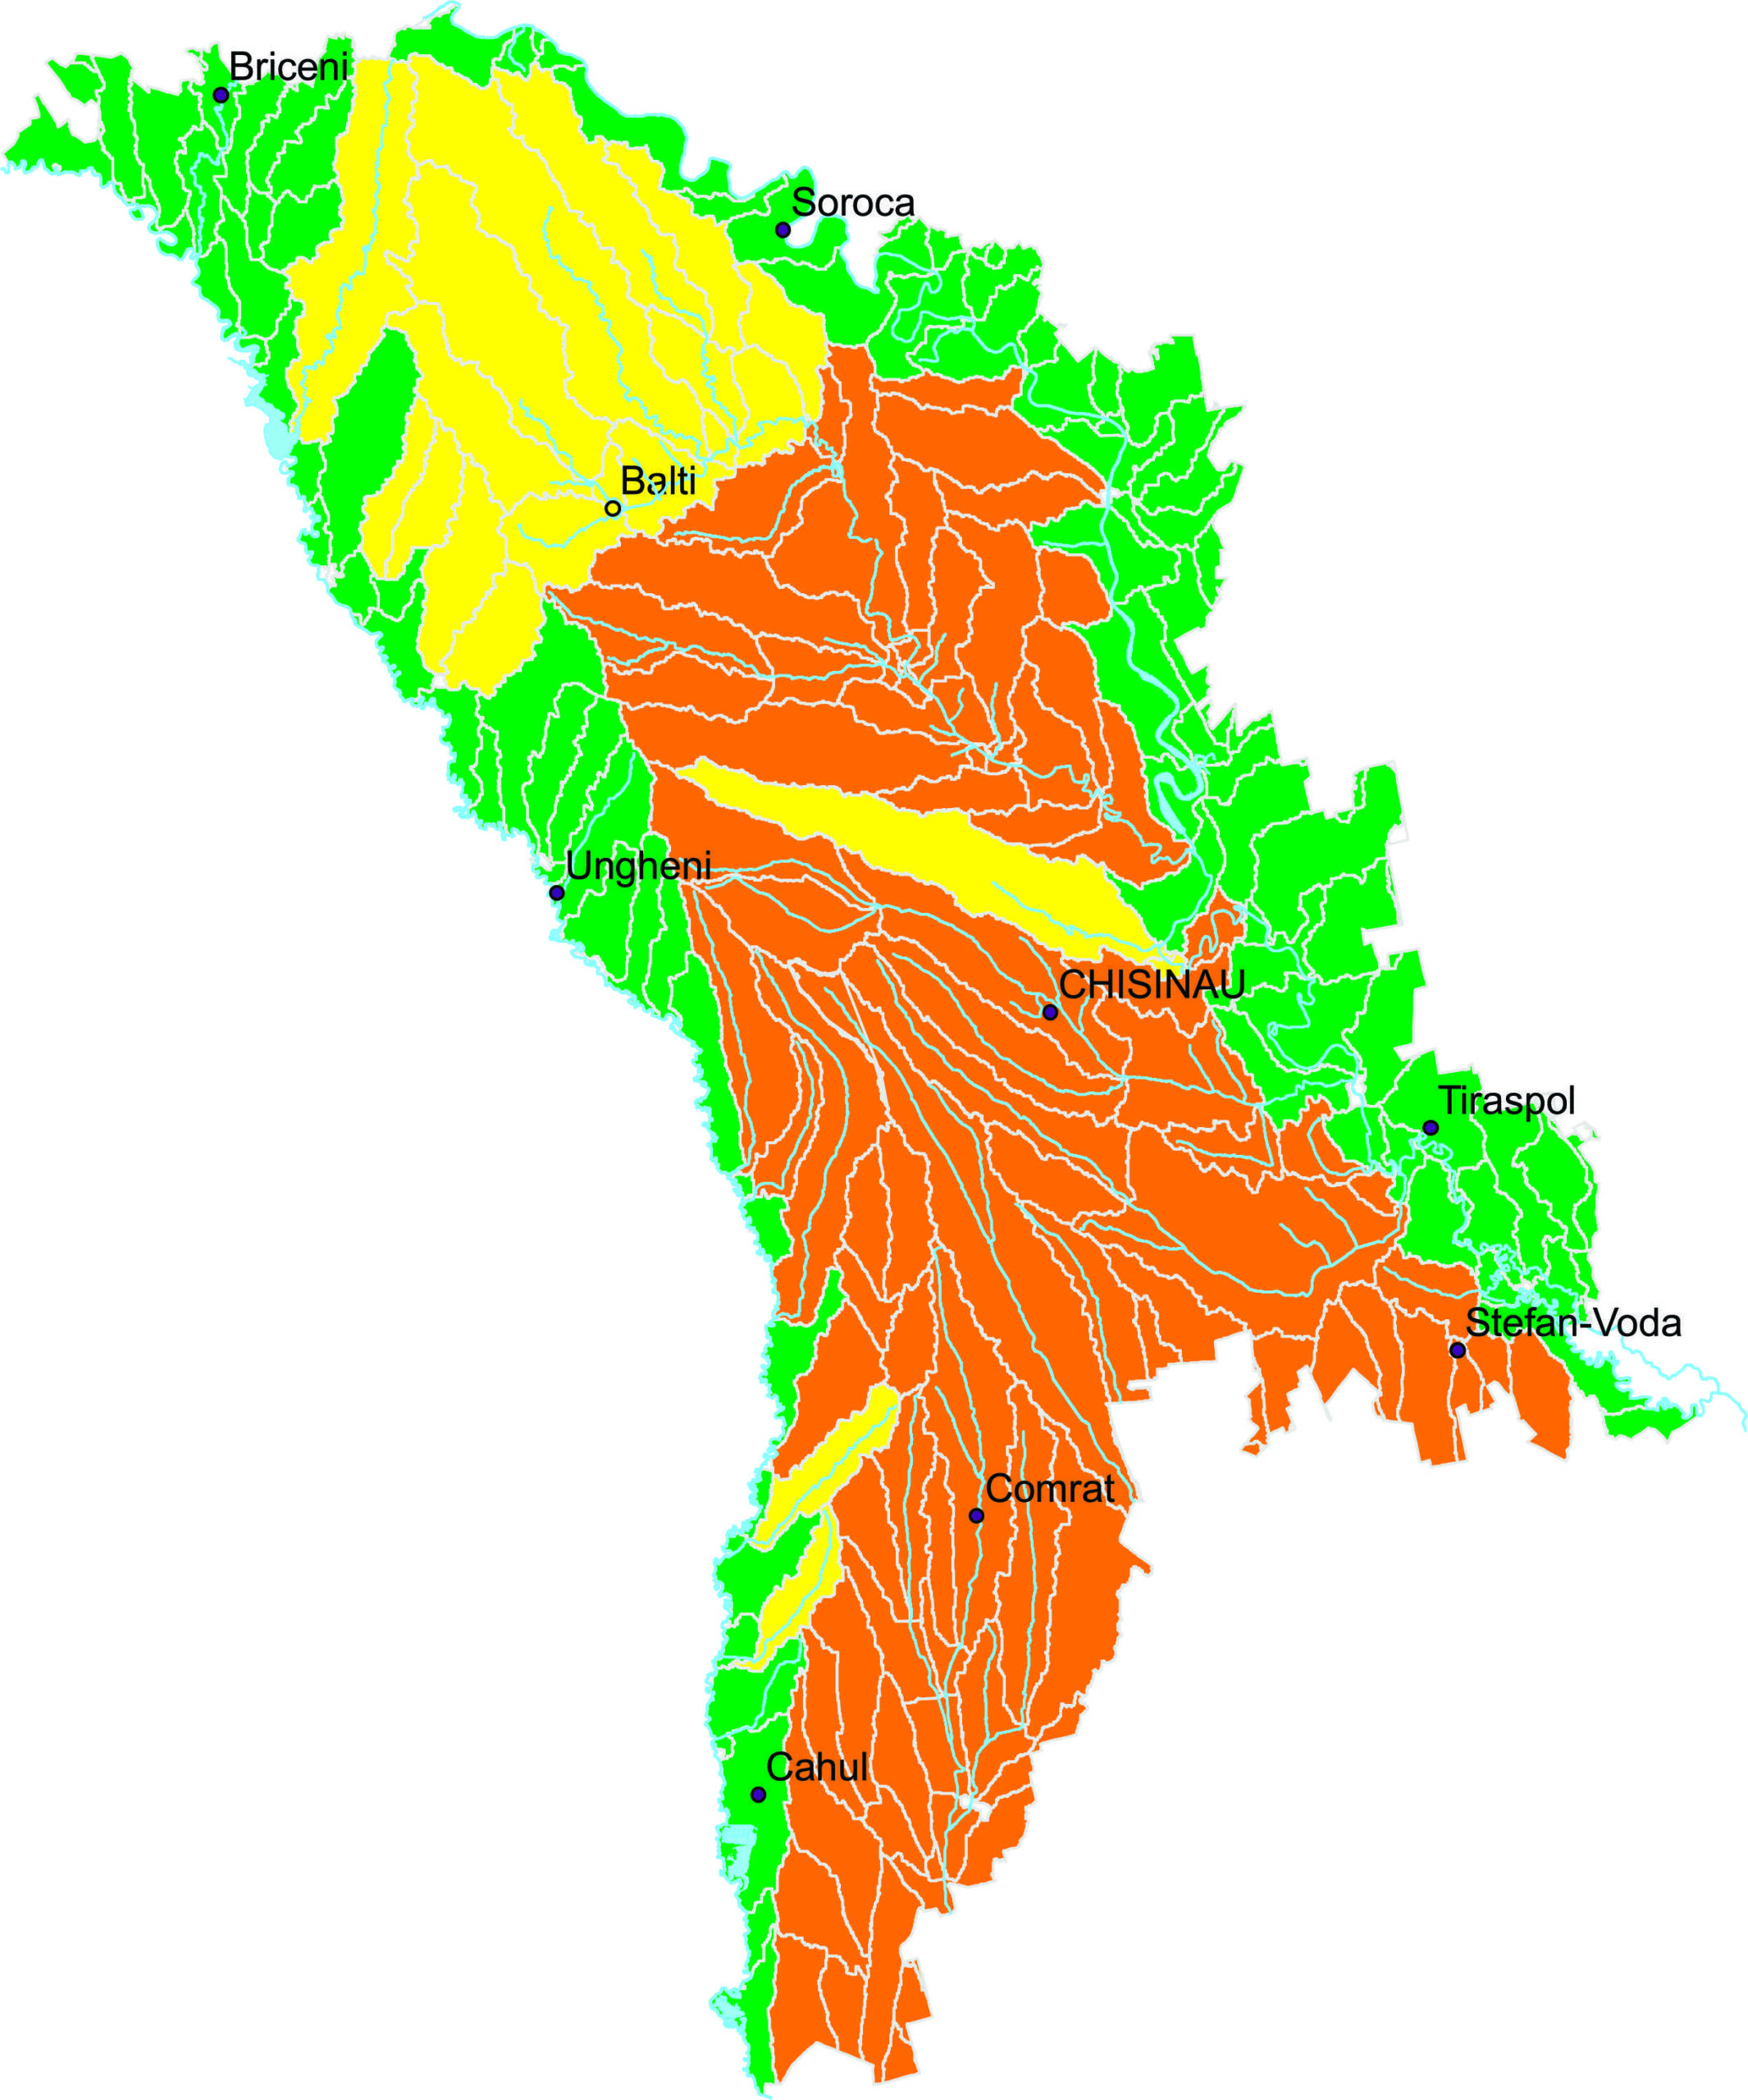 Meteorologii anunță cod portocaliu de secetă hidrologică. Cetățenii sunt îndemnați să consume rațional resursele de apă